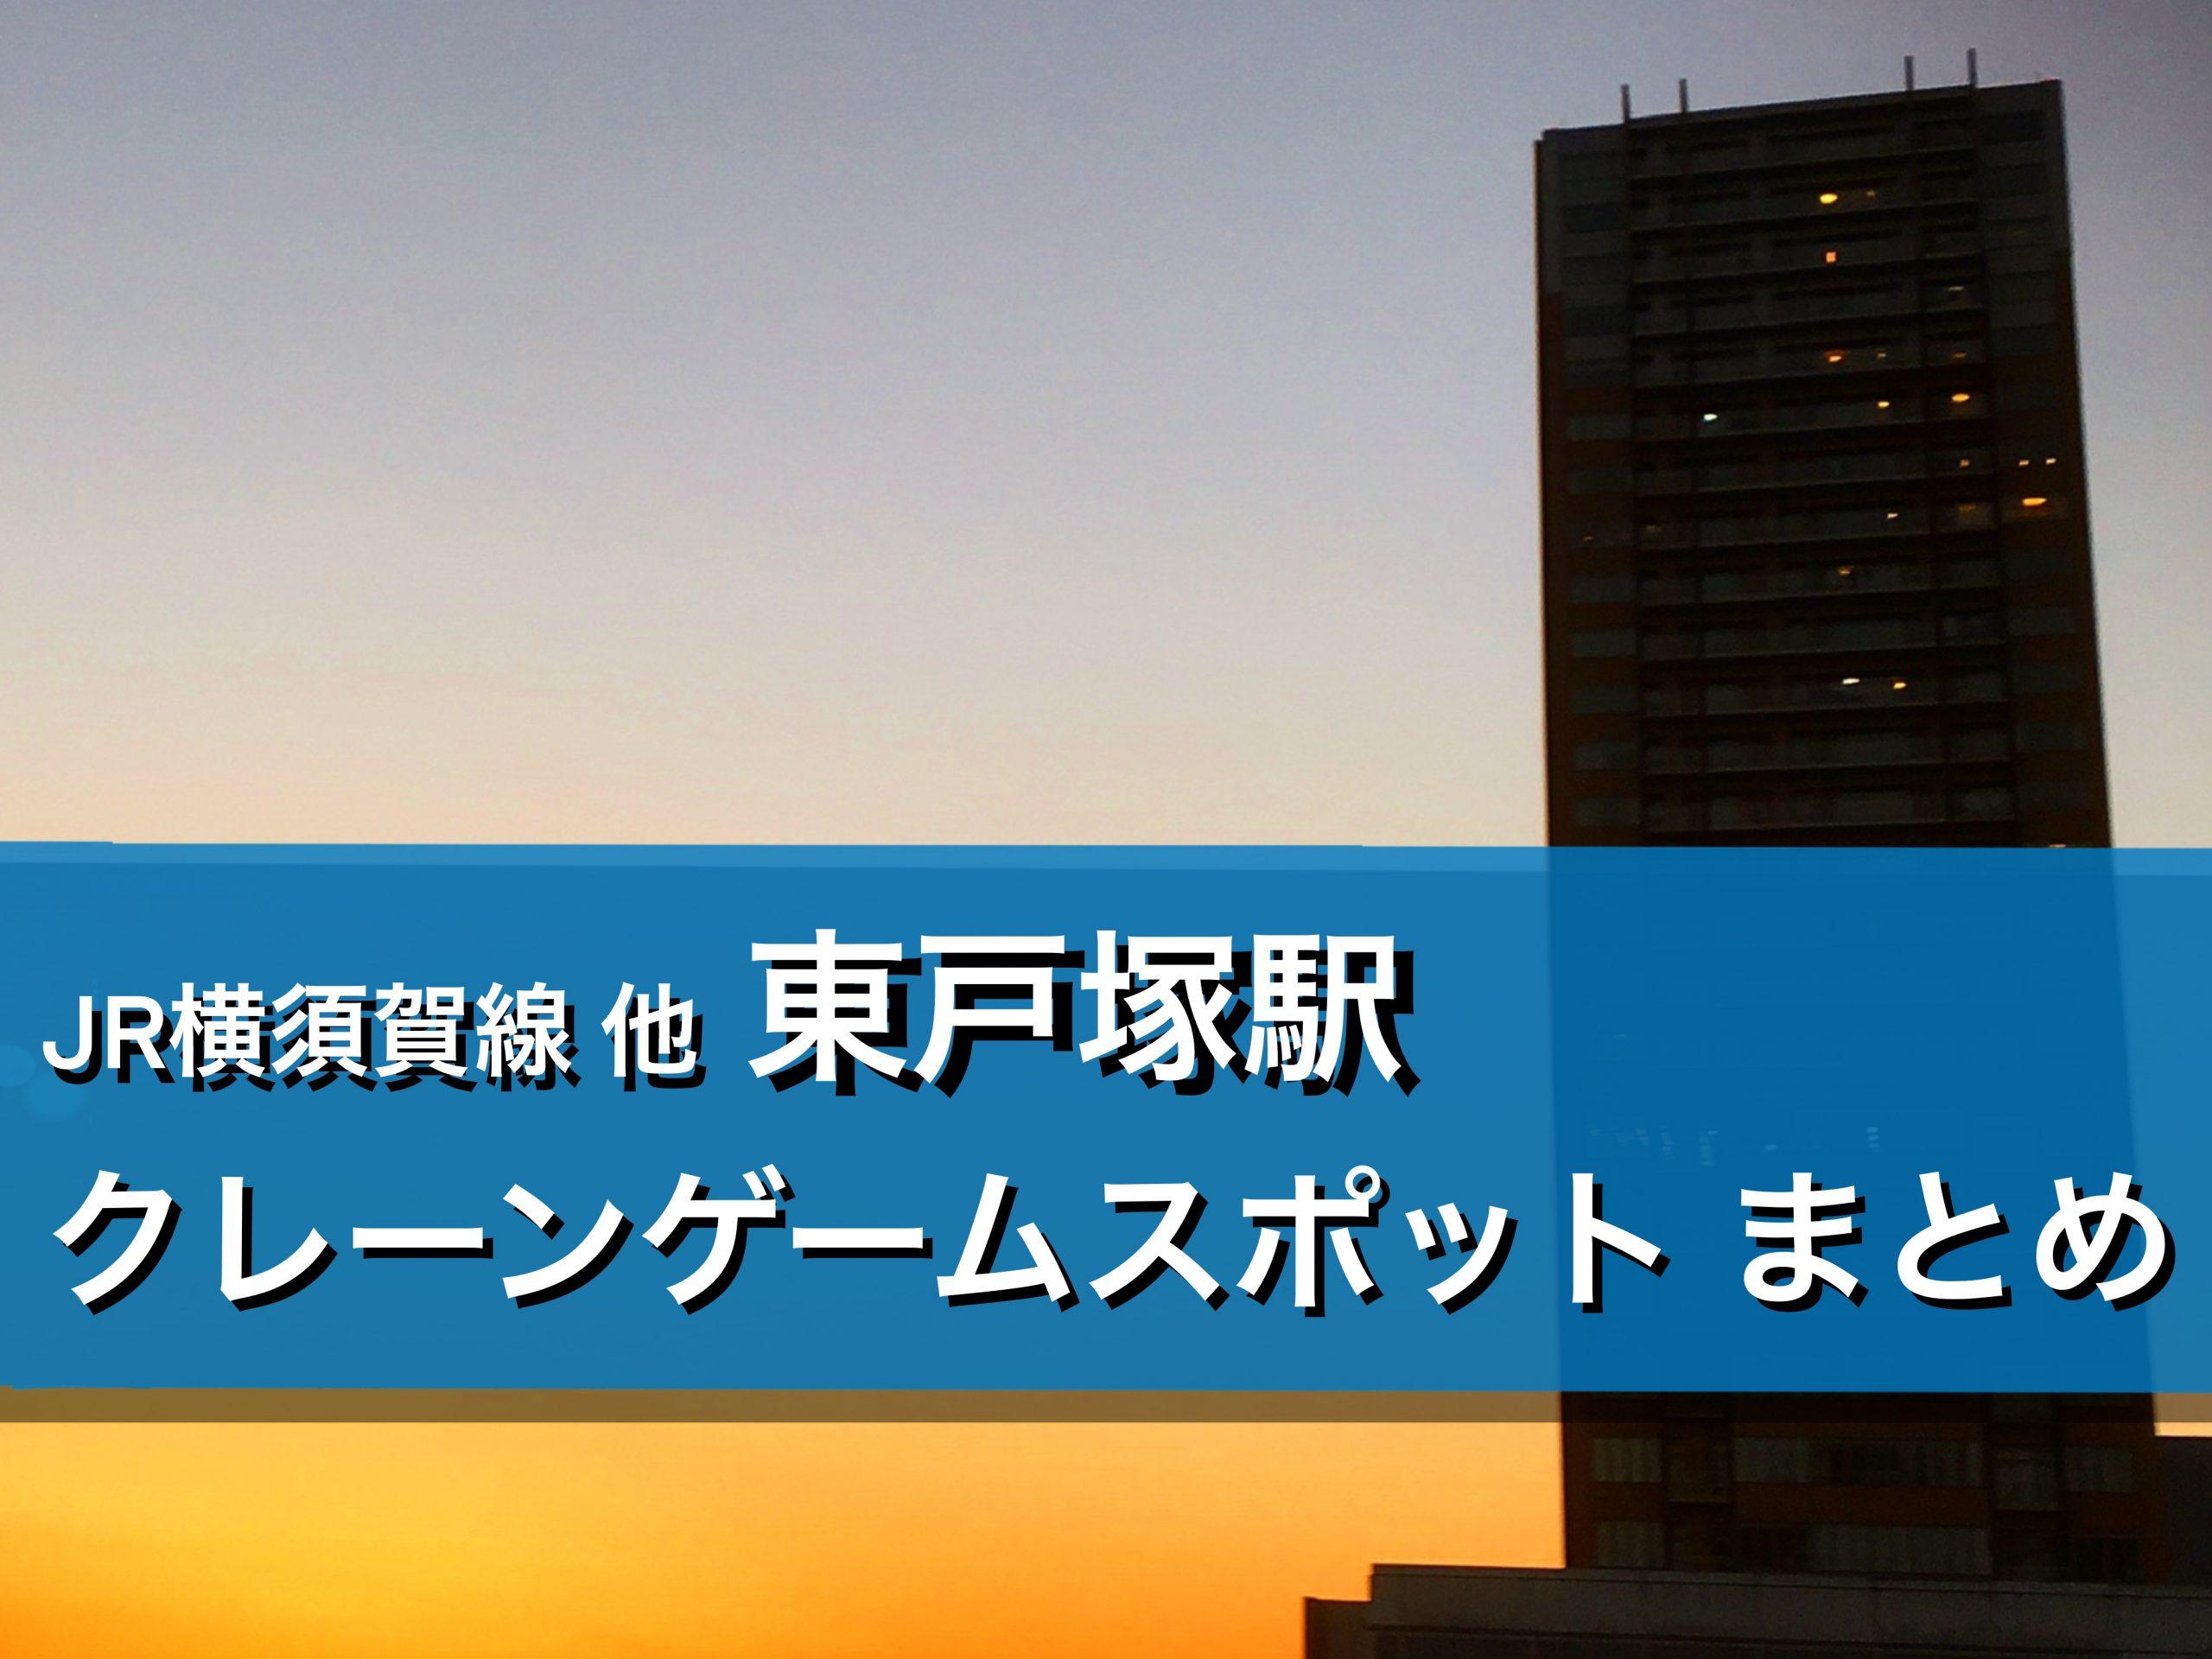 【東戸塚駅】クレーンゲームができる場所